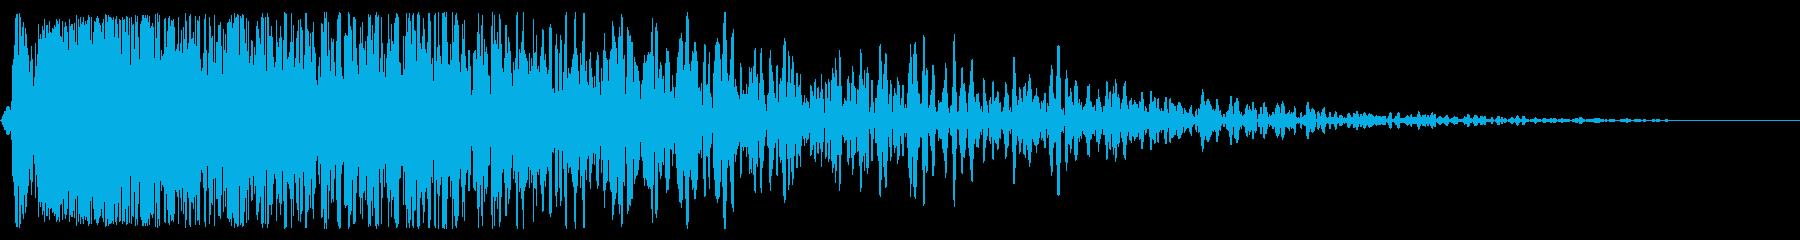 重いクランチ残響ダブルウッドの衝撃...の再生済みの波形